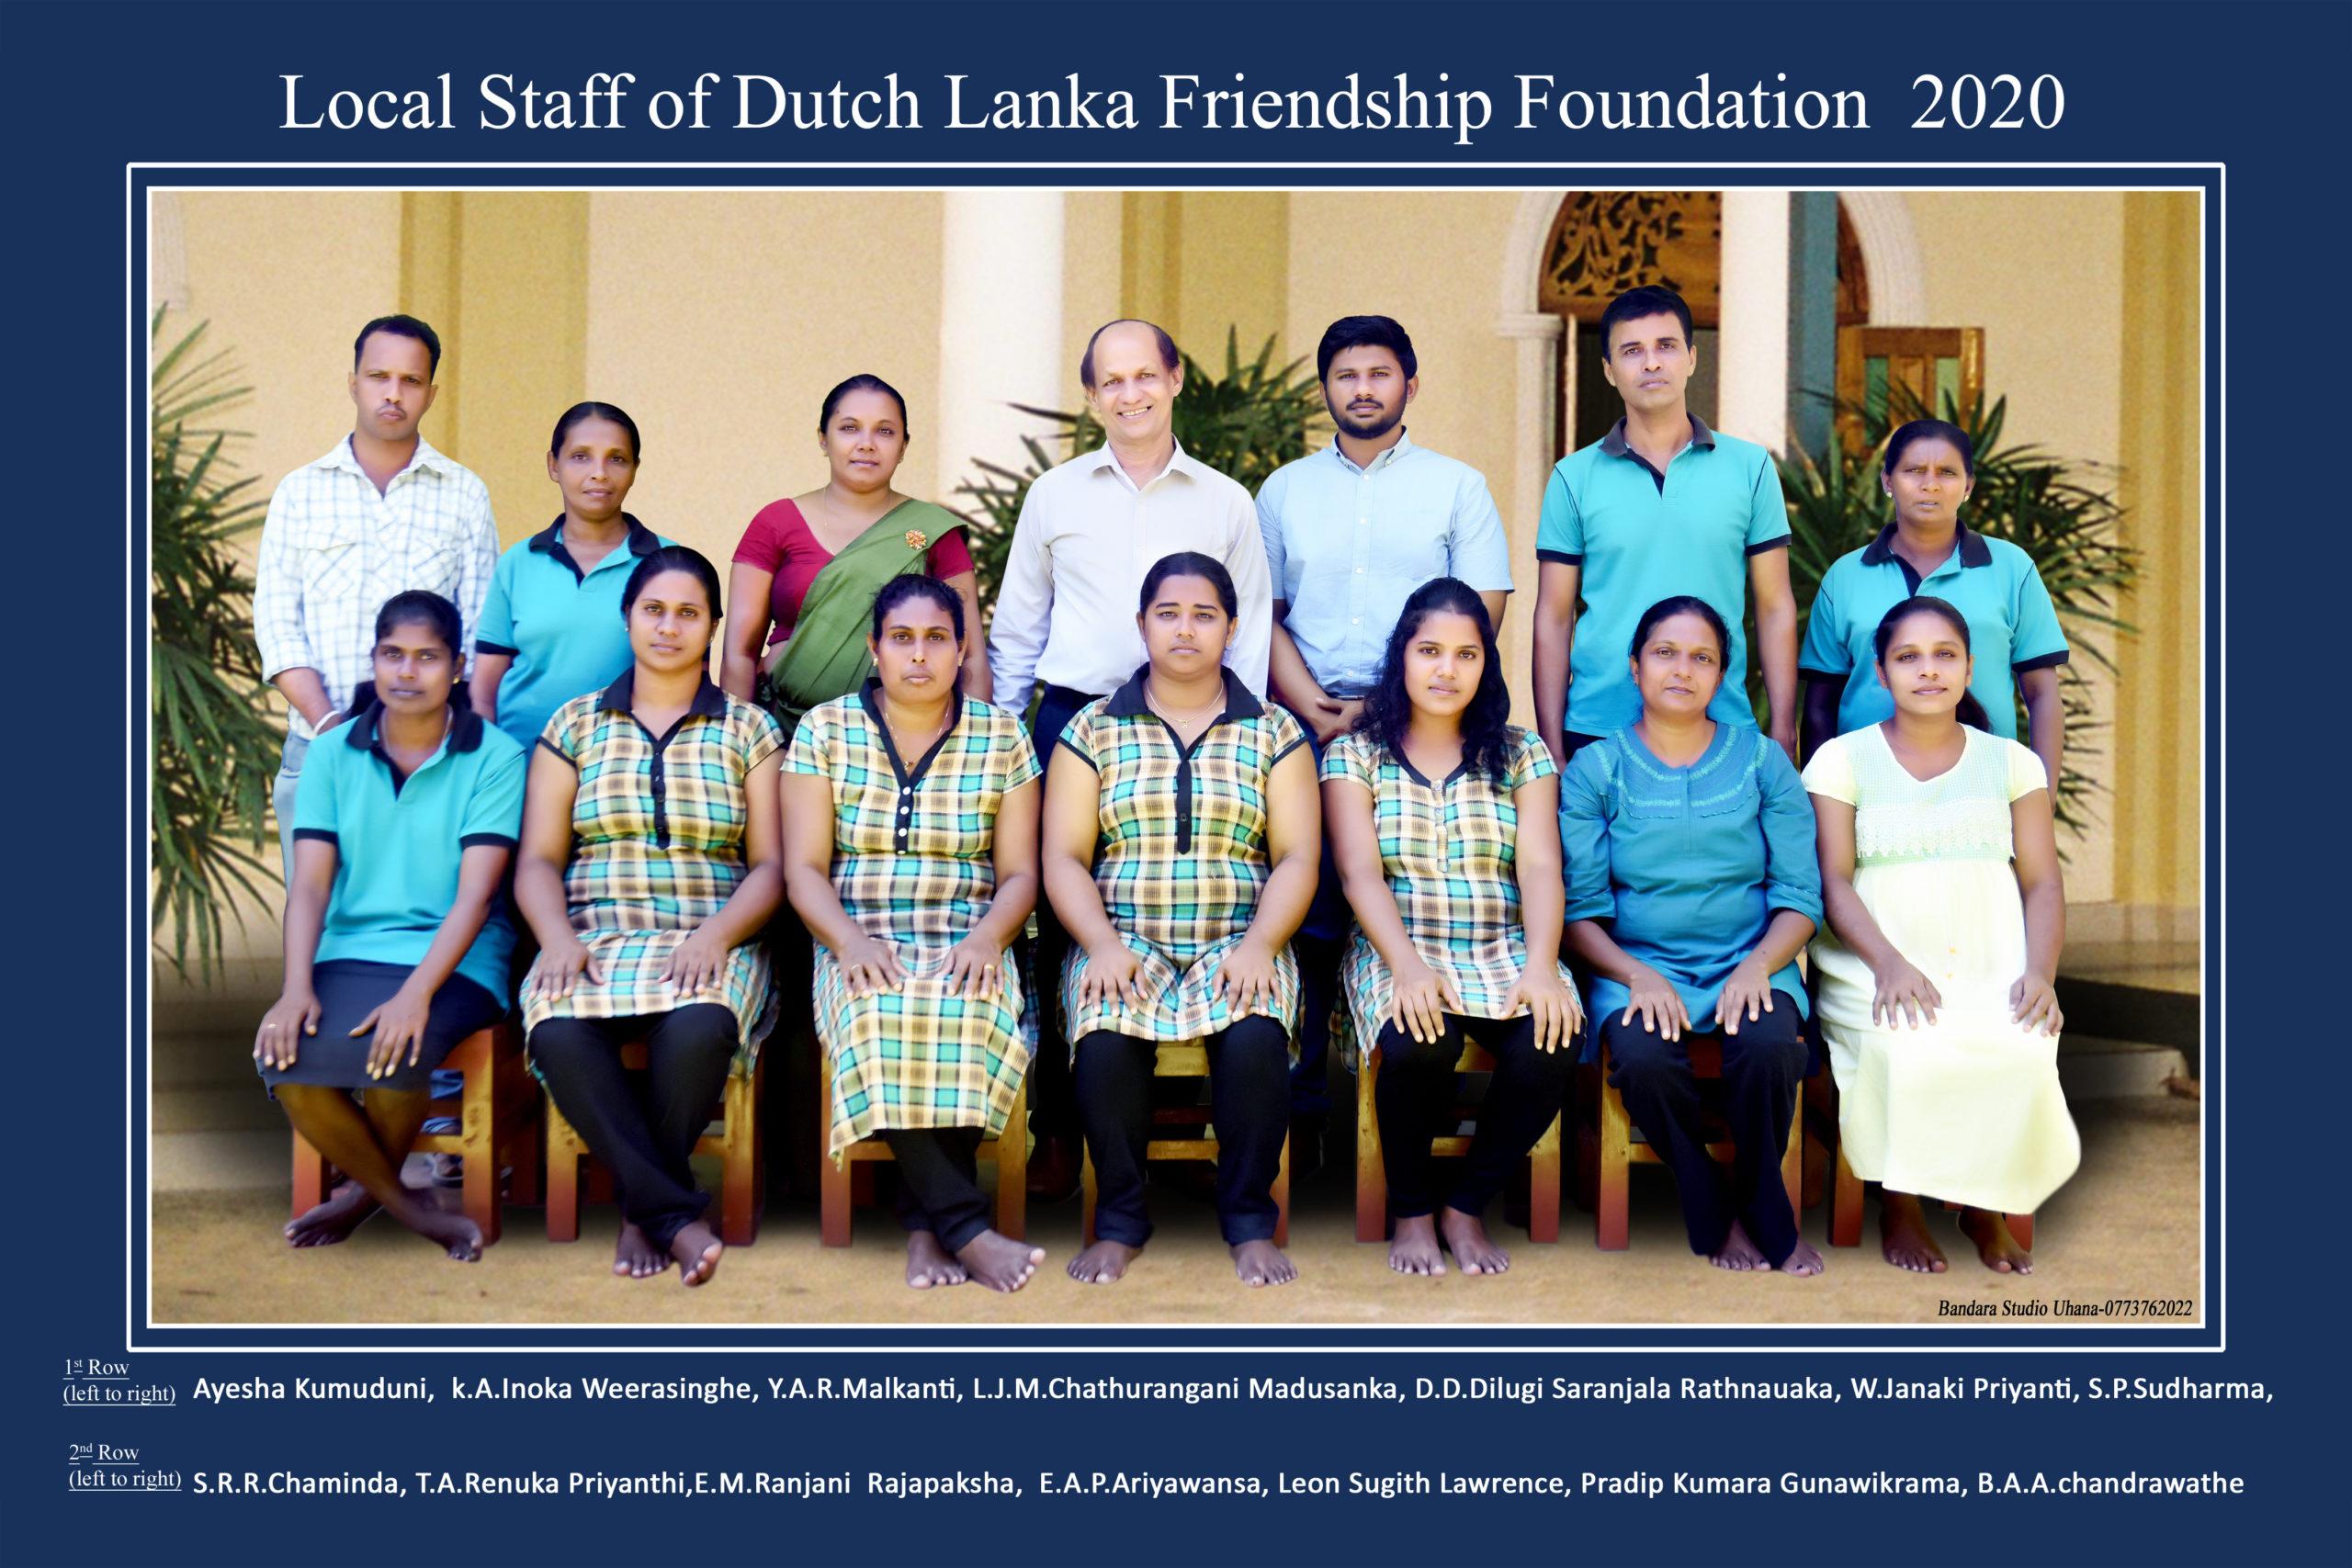 DLFF-team